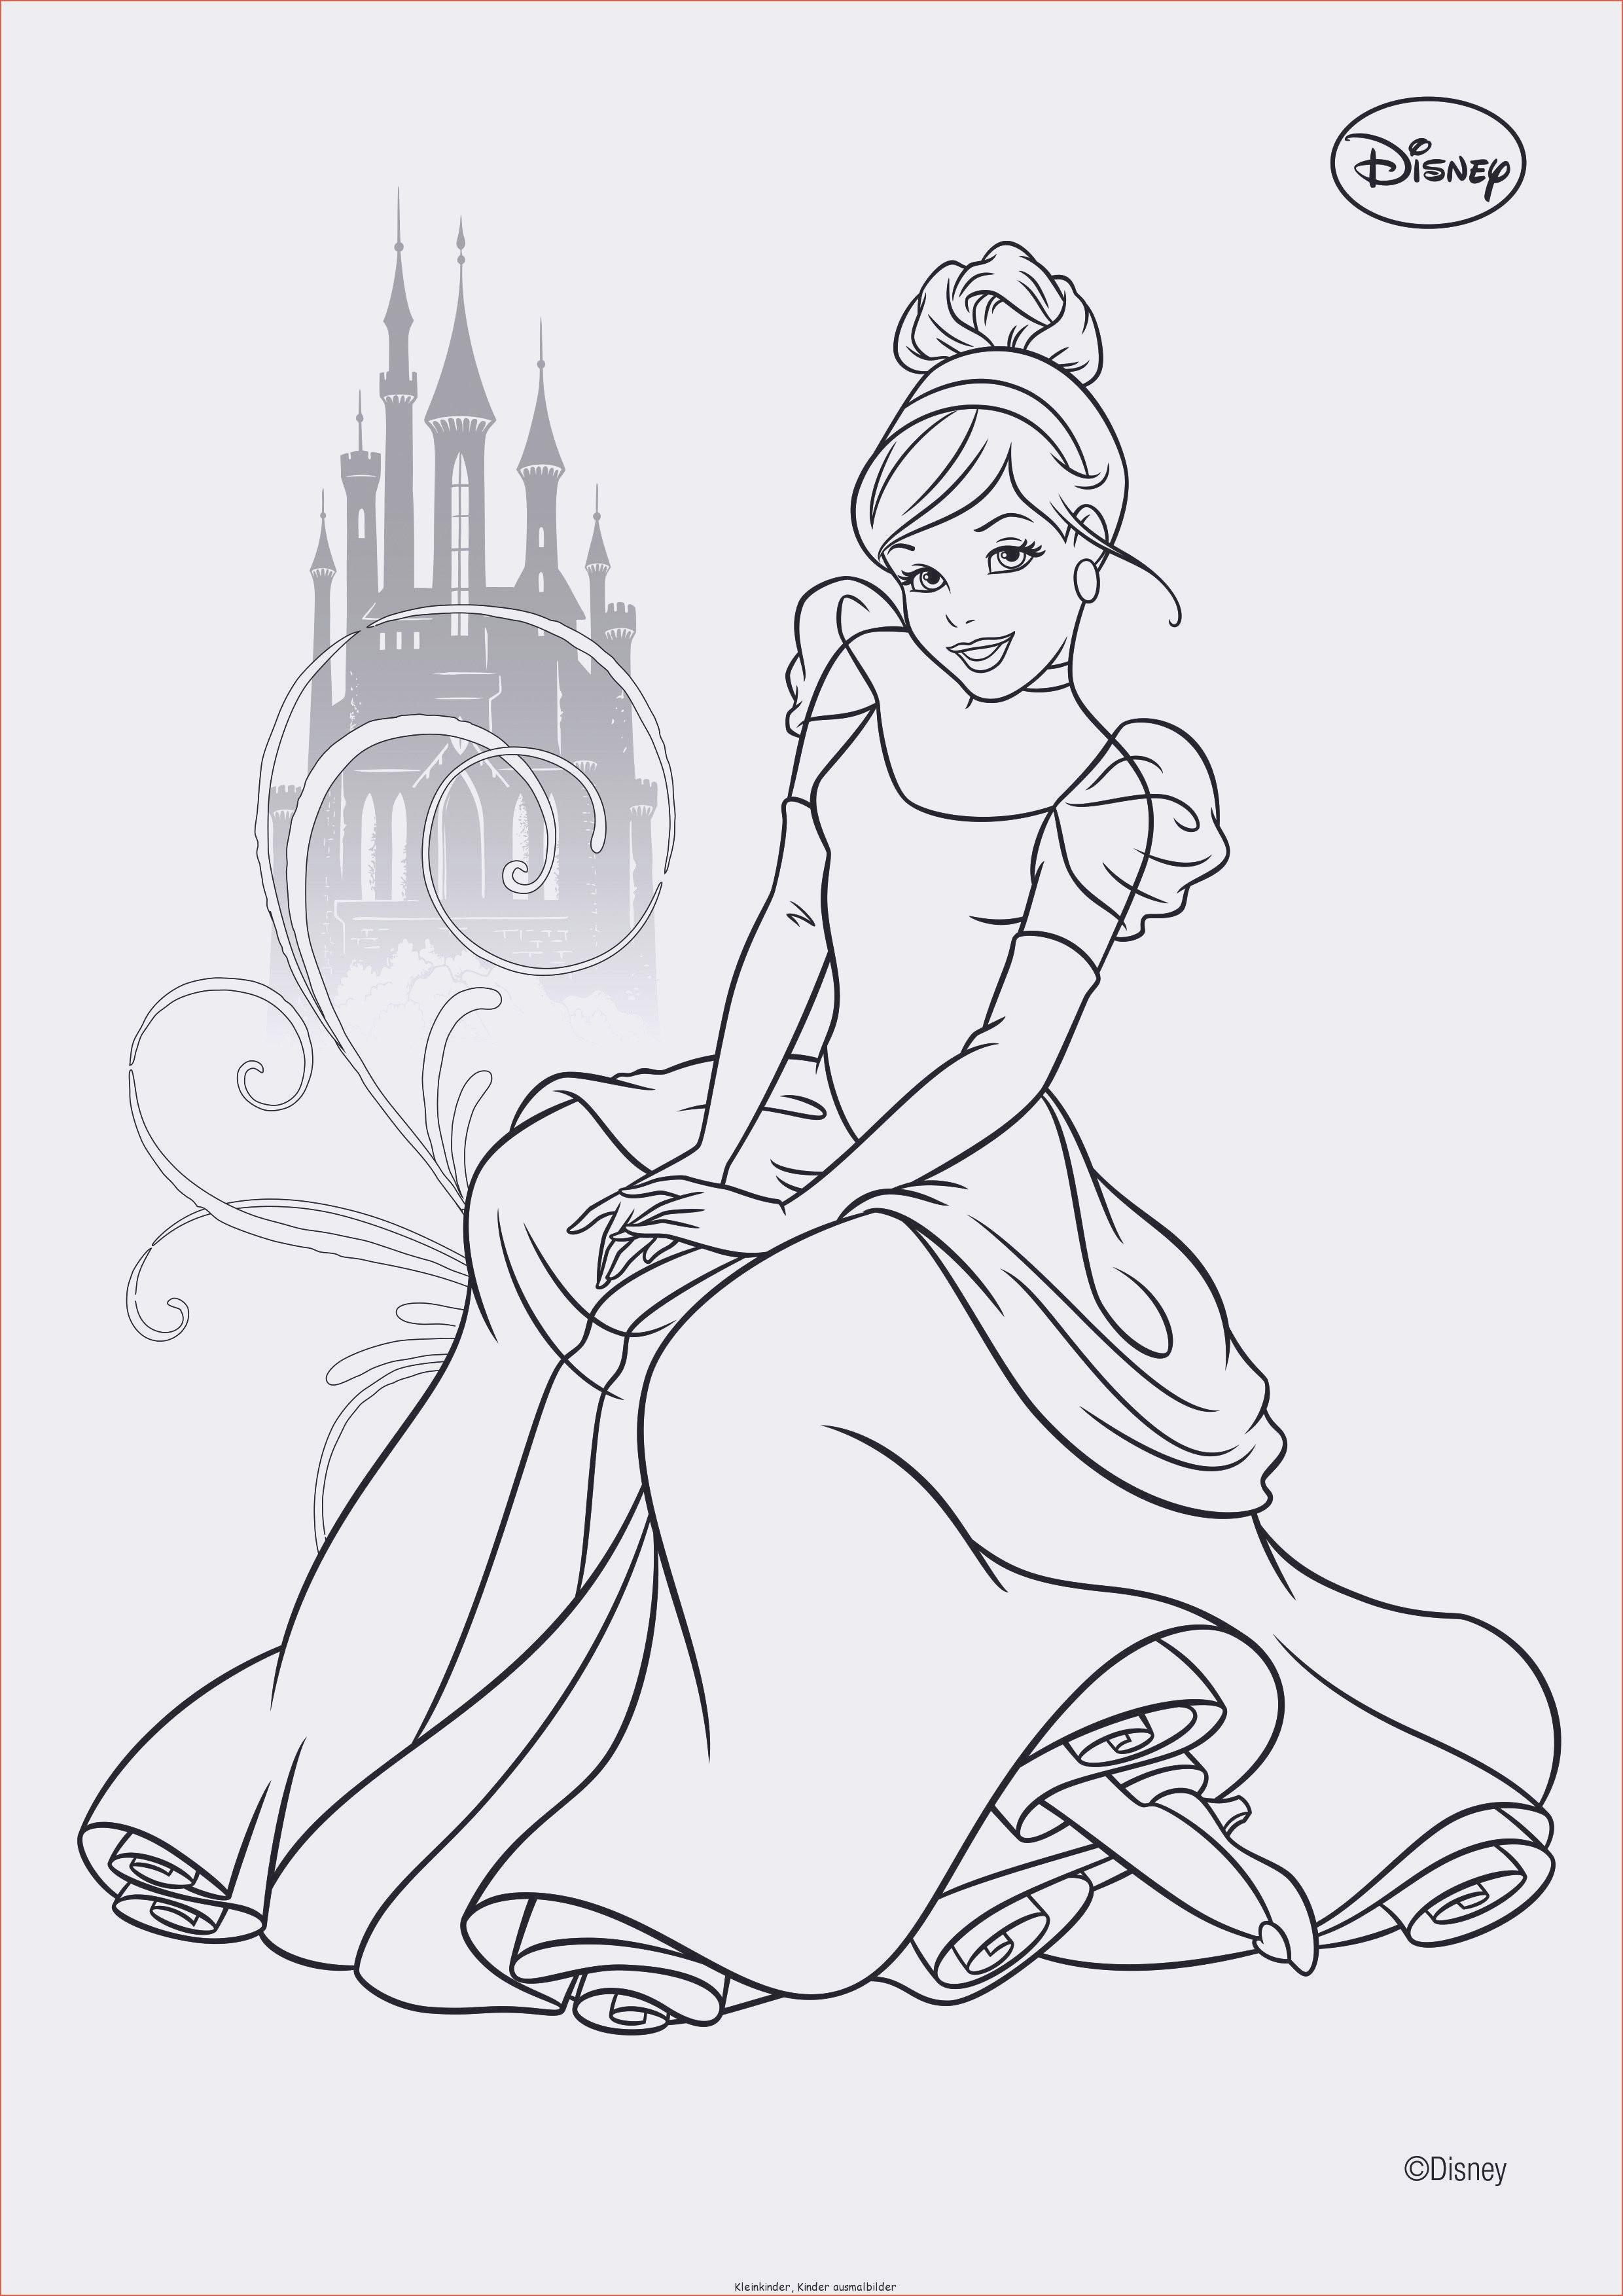 Ausmalbild Prinzessin Einhorn Neu Malvorlagen Kostenlos Einhorn Bilder Zum Ausmalen Bekommen Das Bild